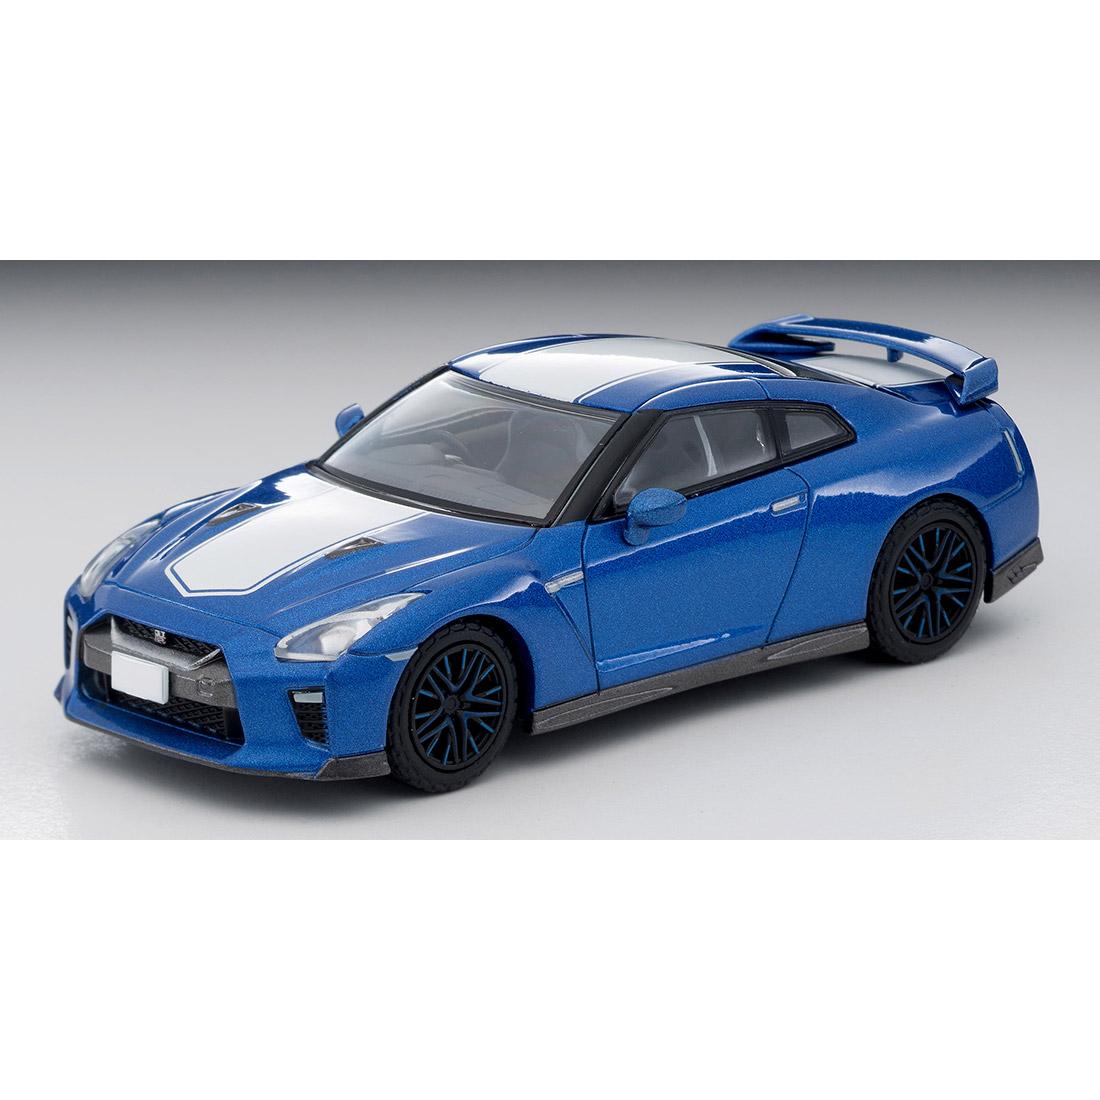 トミカリミテッドヴィンテージ ネオ LV-N200a『日産GT-R 50th ANNIVERSARY(青)』1/64 ミニカー-002